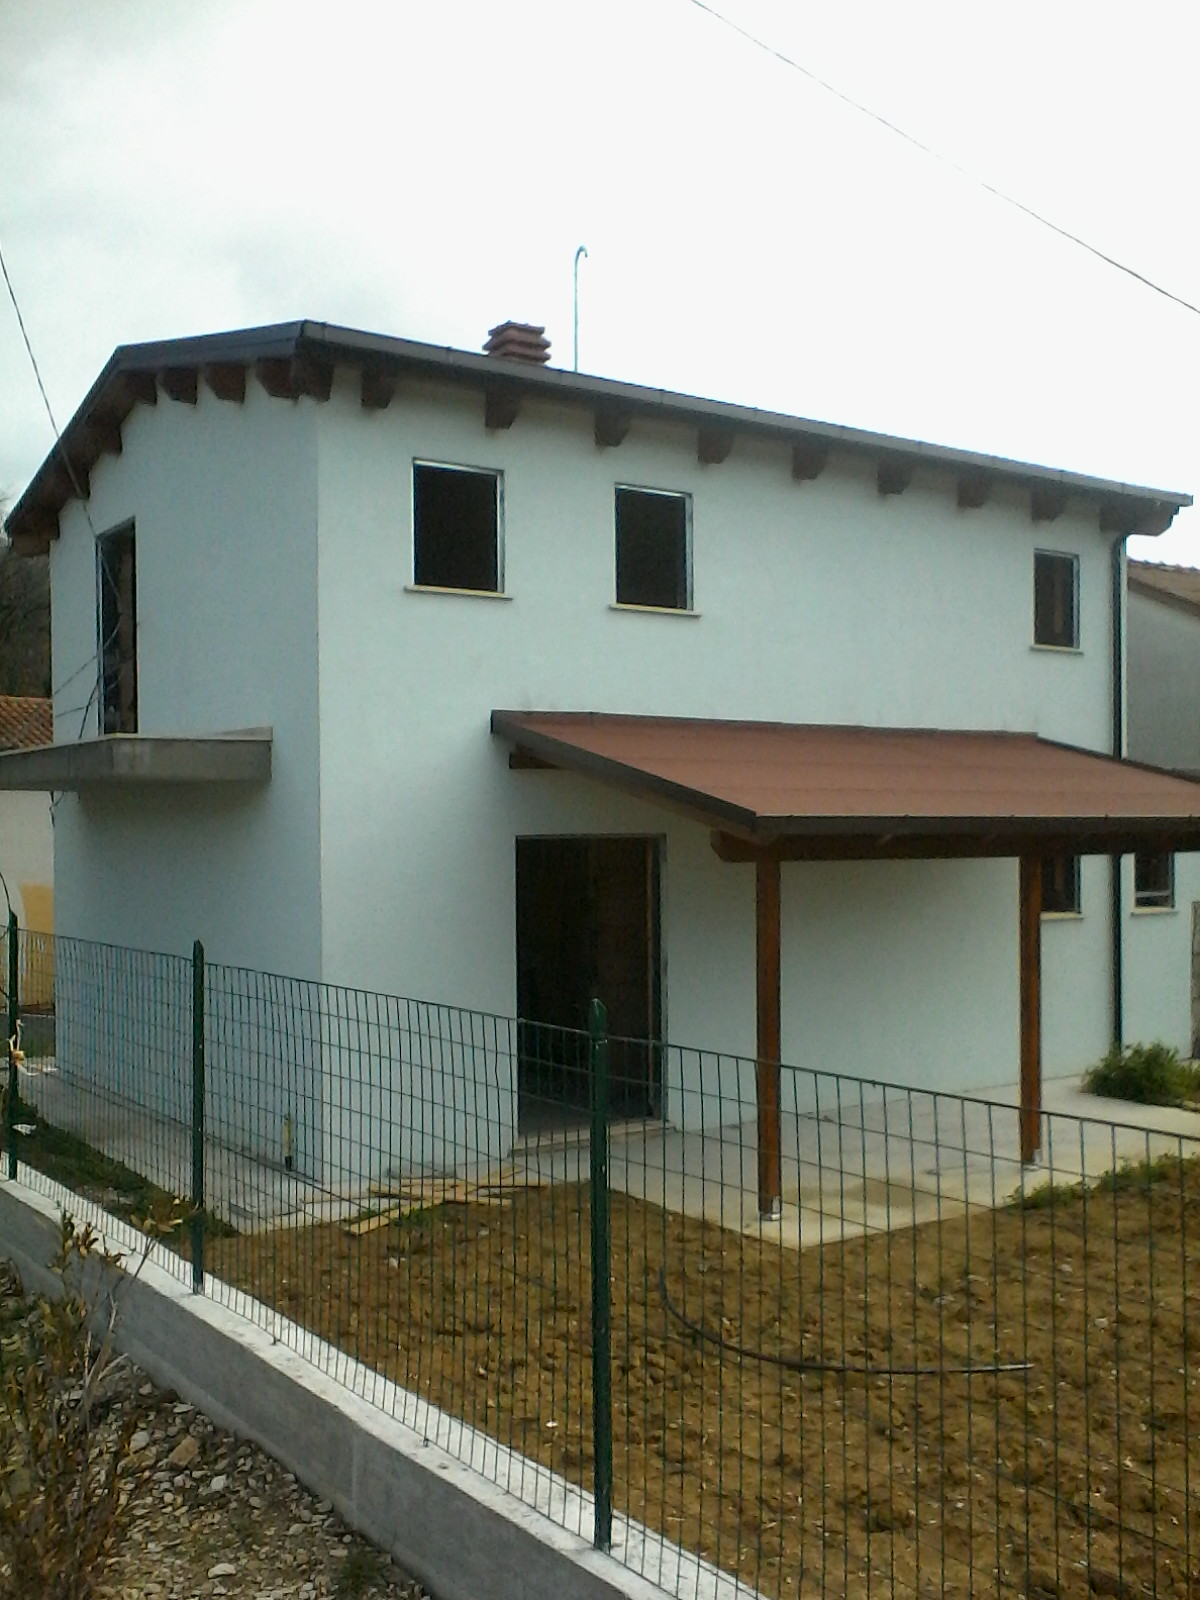 Soluzione Indipendente in vendita a Teramo, 4 locali, prezzo € 135.000 | Cambio Casa.it